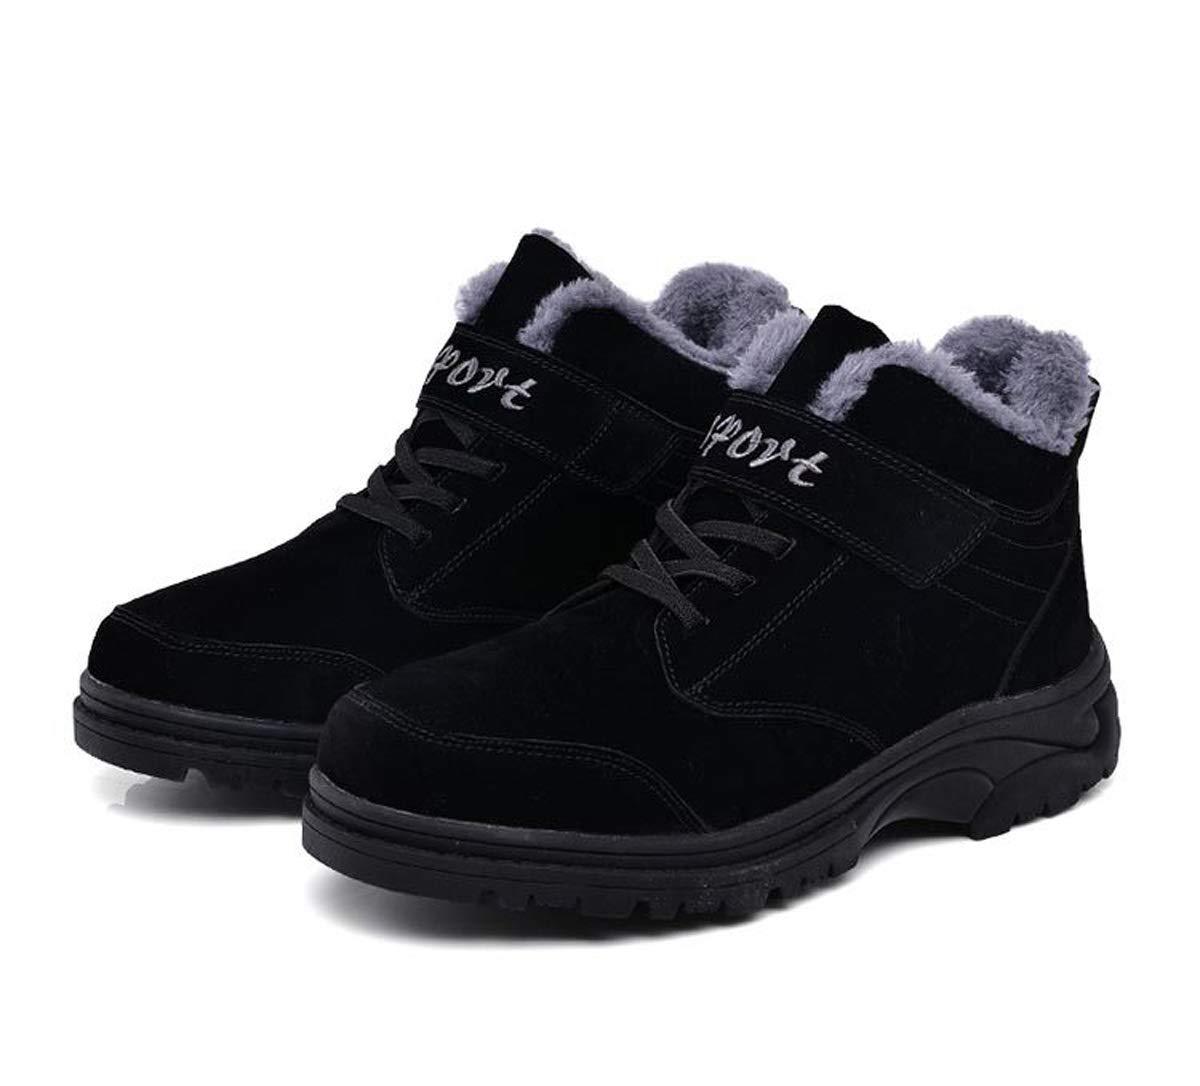 DANDANJIE Herren Schuhe Winter Warm Wandern Trekking Schuhe Hohe Turnschuhe Anti-Slip Lace-up Klettverschluss Lässige Outdoor-Schuhe